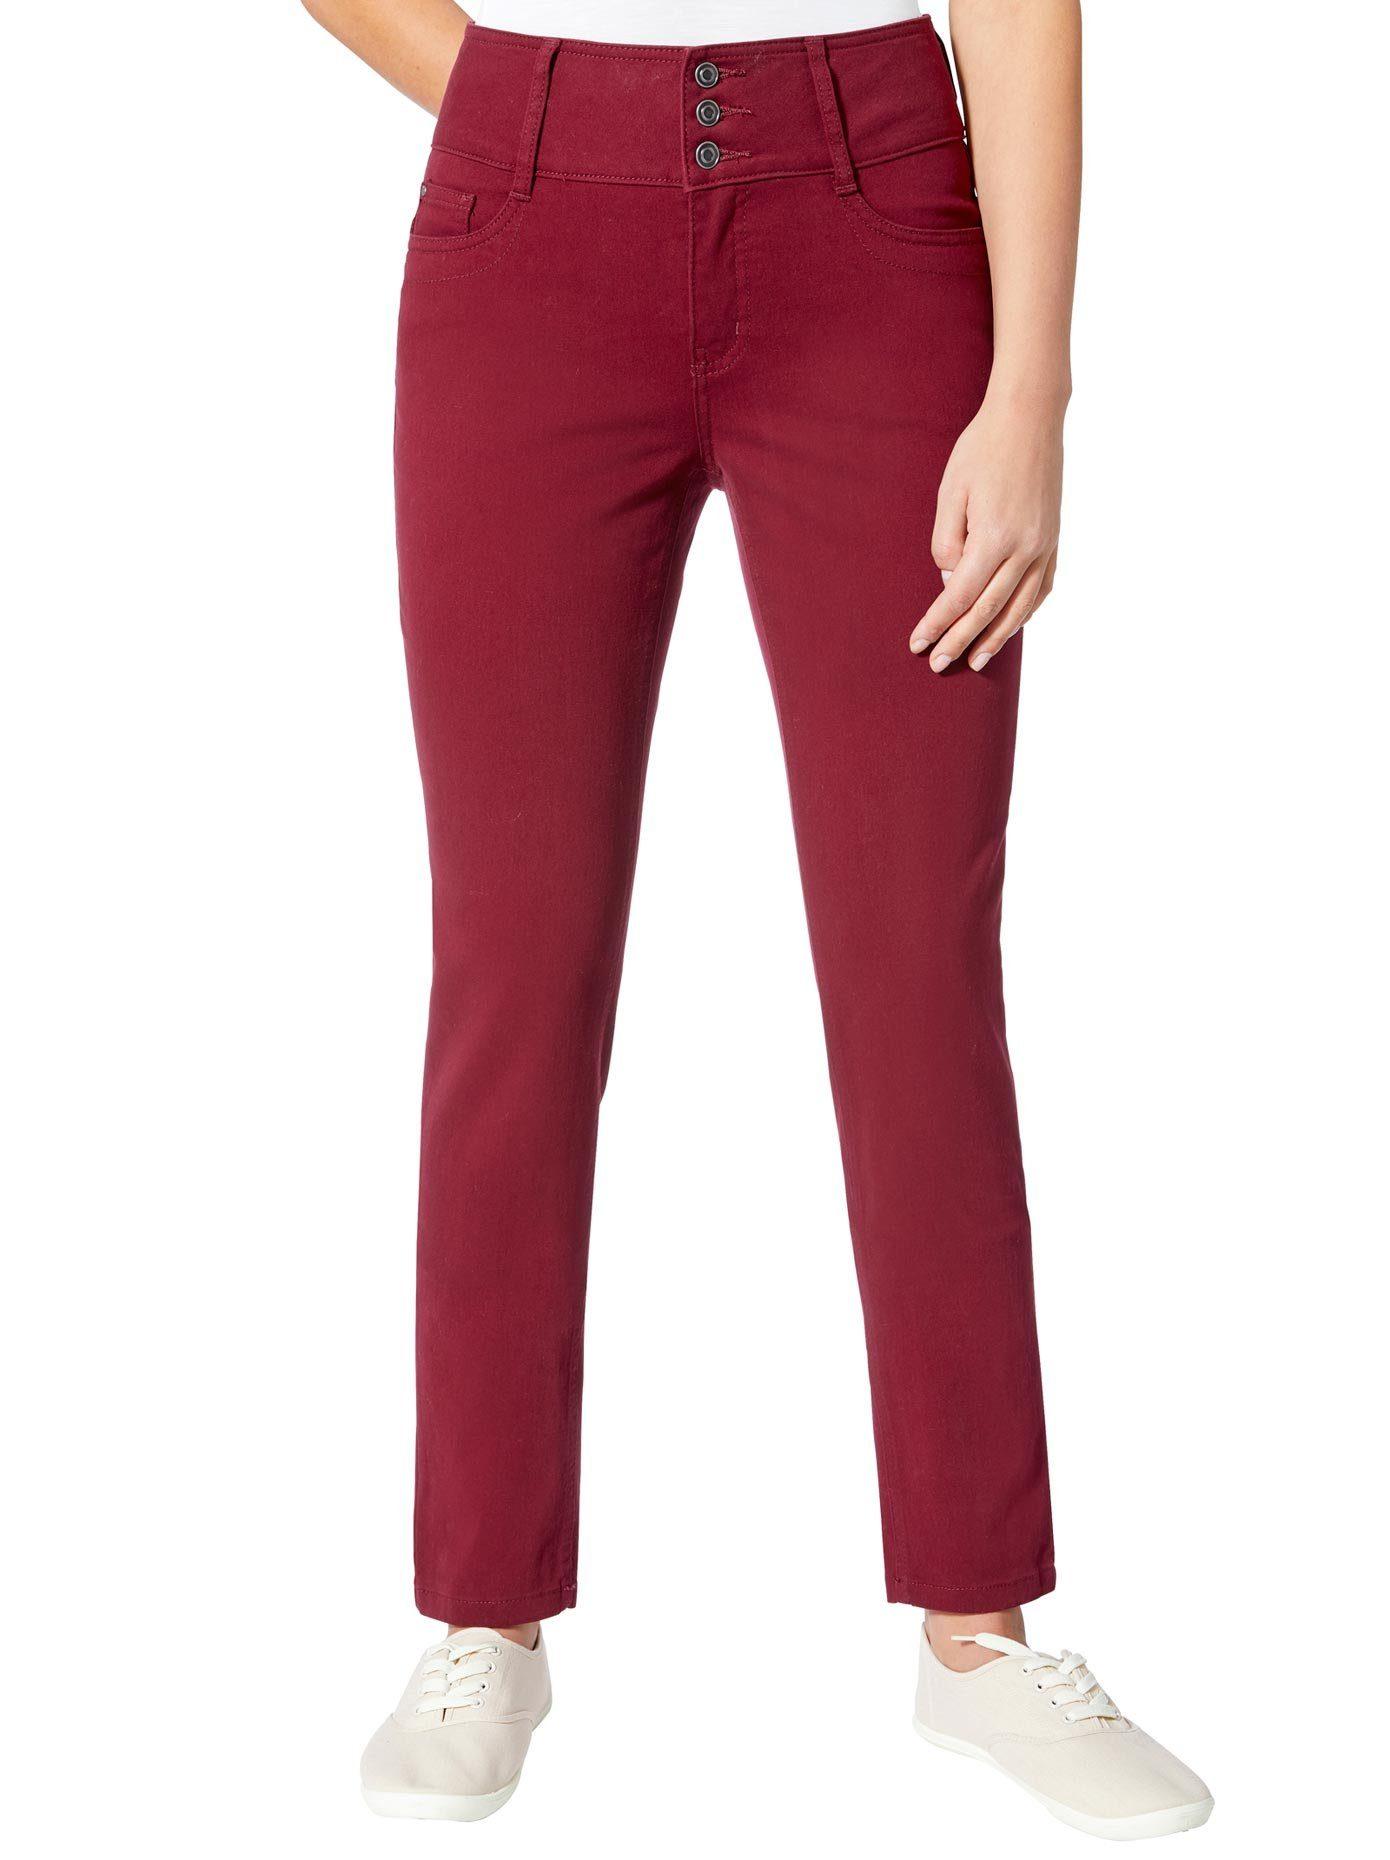 Casual Looks Jeans in der typischen 5 Pocket Form, Jeans in bewegungselastischer Stretch Qualität online kaufen | OTTO